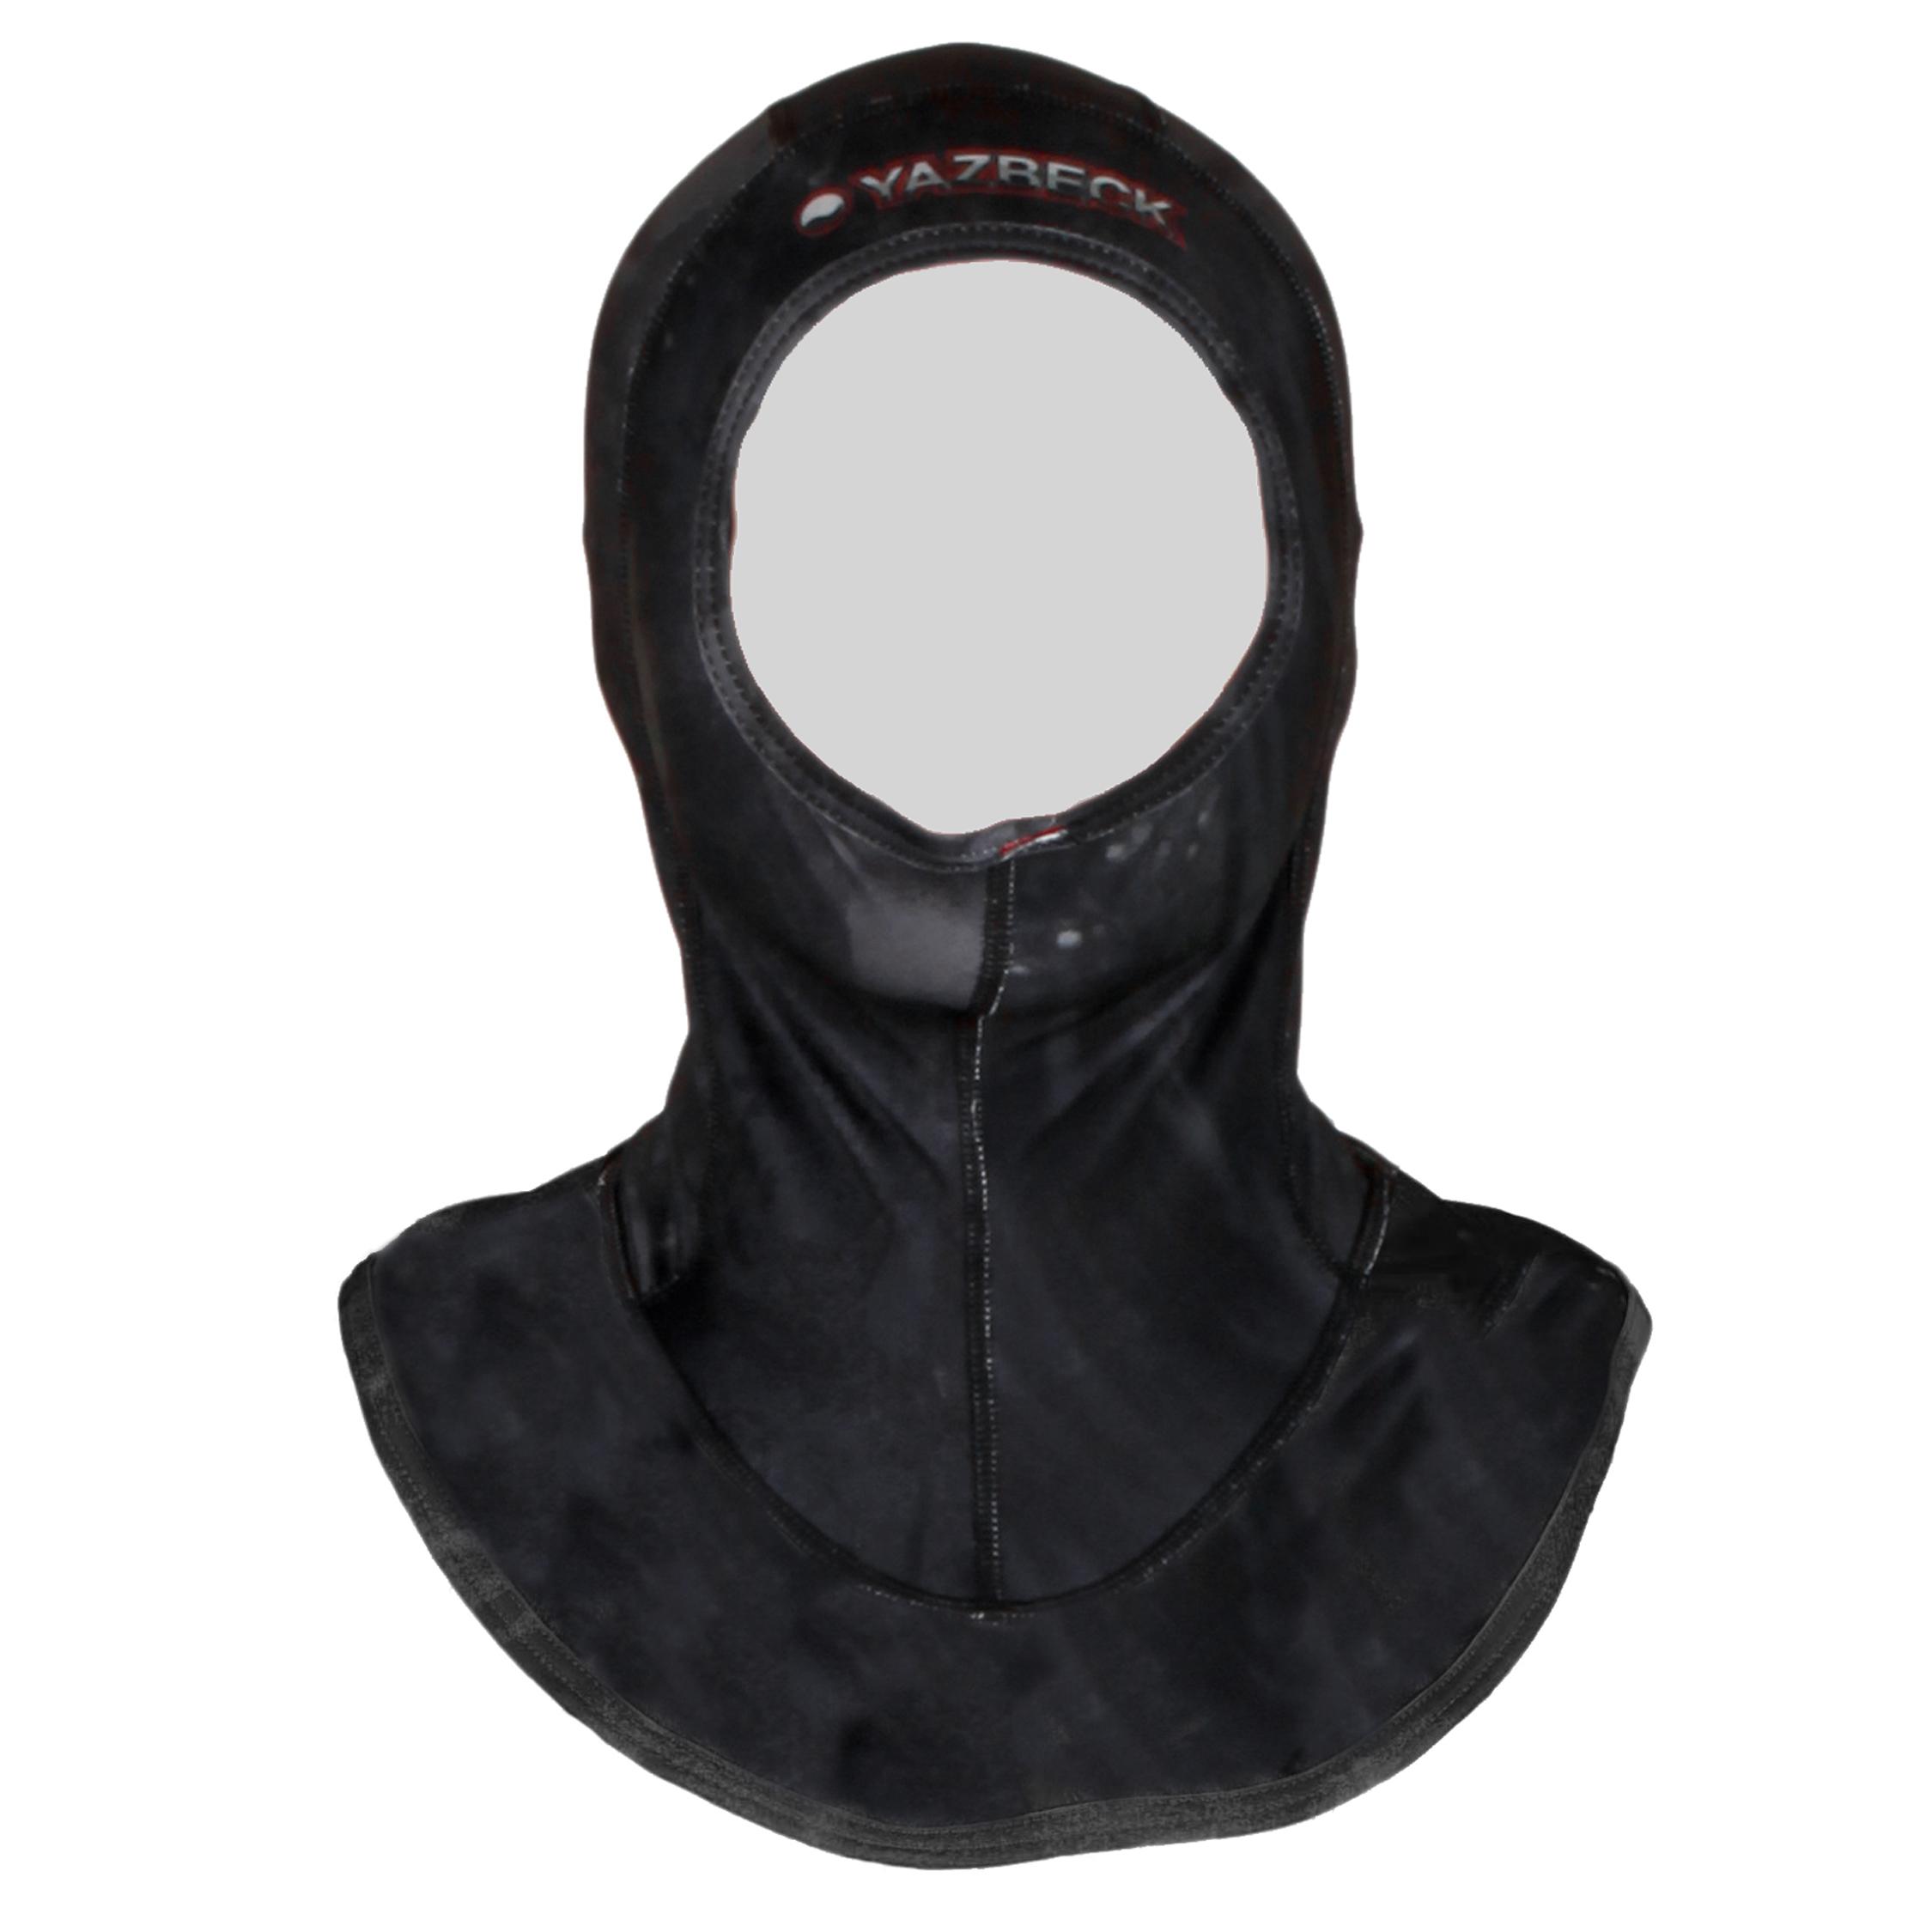 Yazbeck-Carbone-05mm-Hood-Spearfishing-Freediving-YA-HOODCN